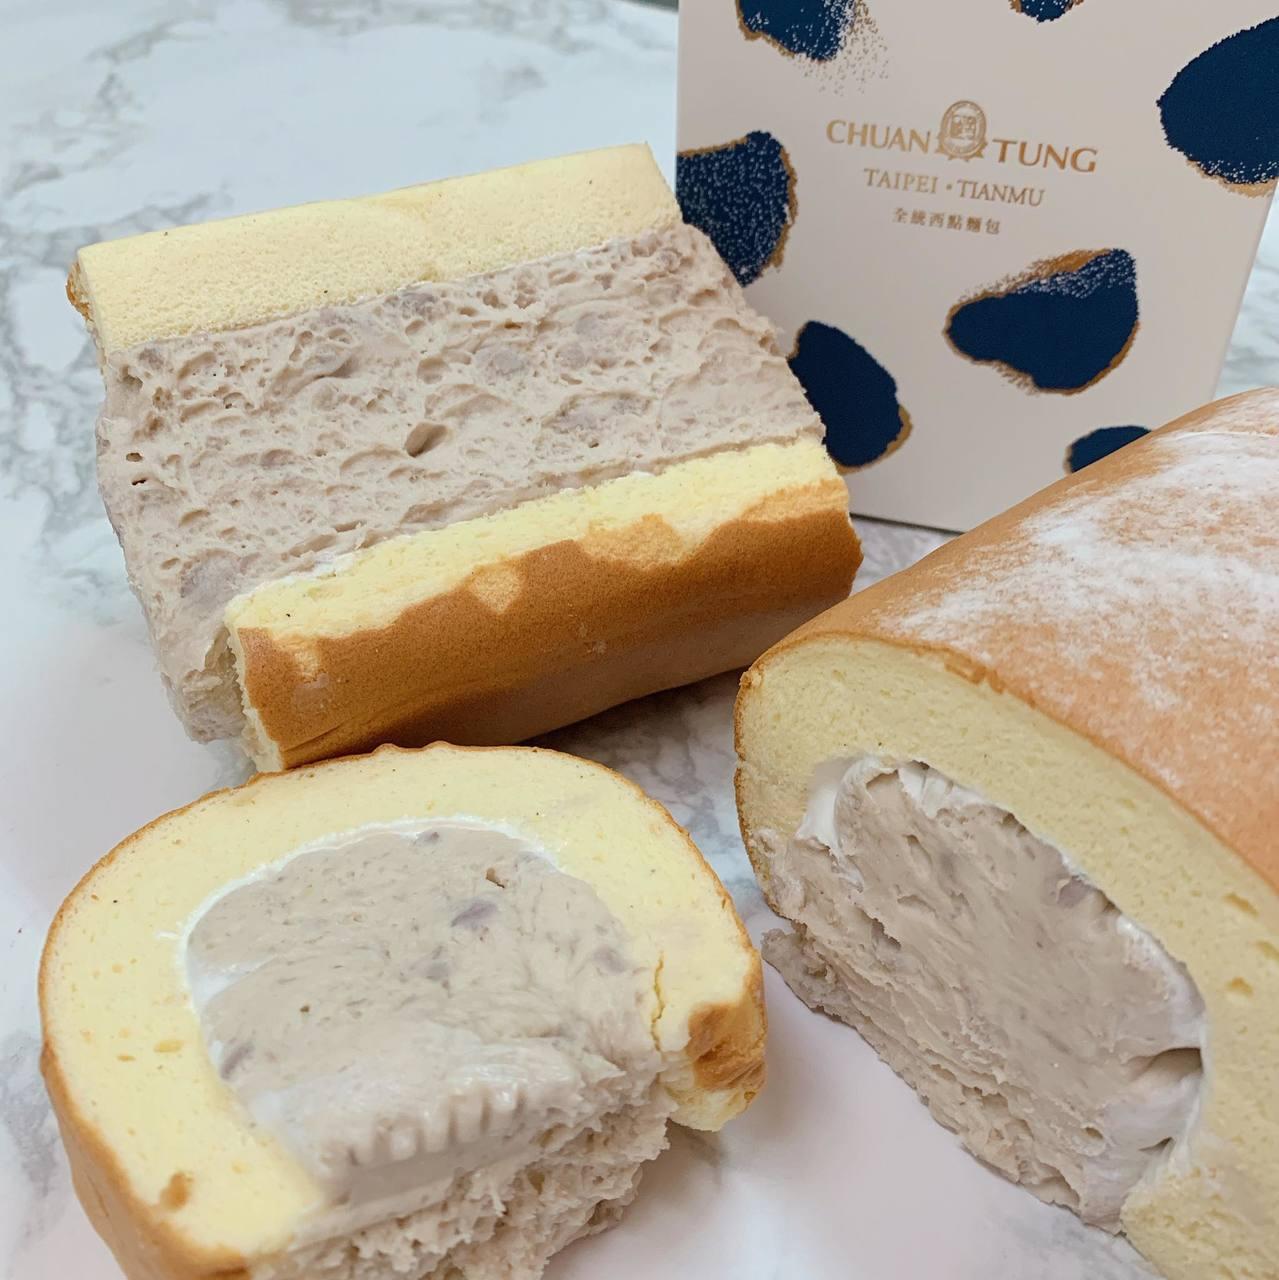 芋頭生乳捲很受到芋頭控的喜愛。圖/全統西點麵包提供